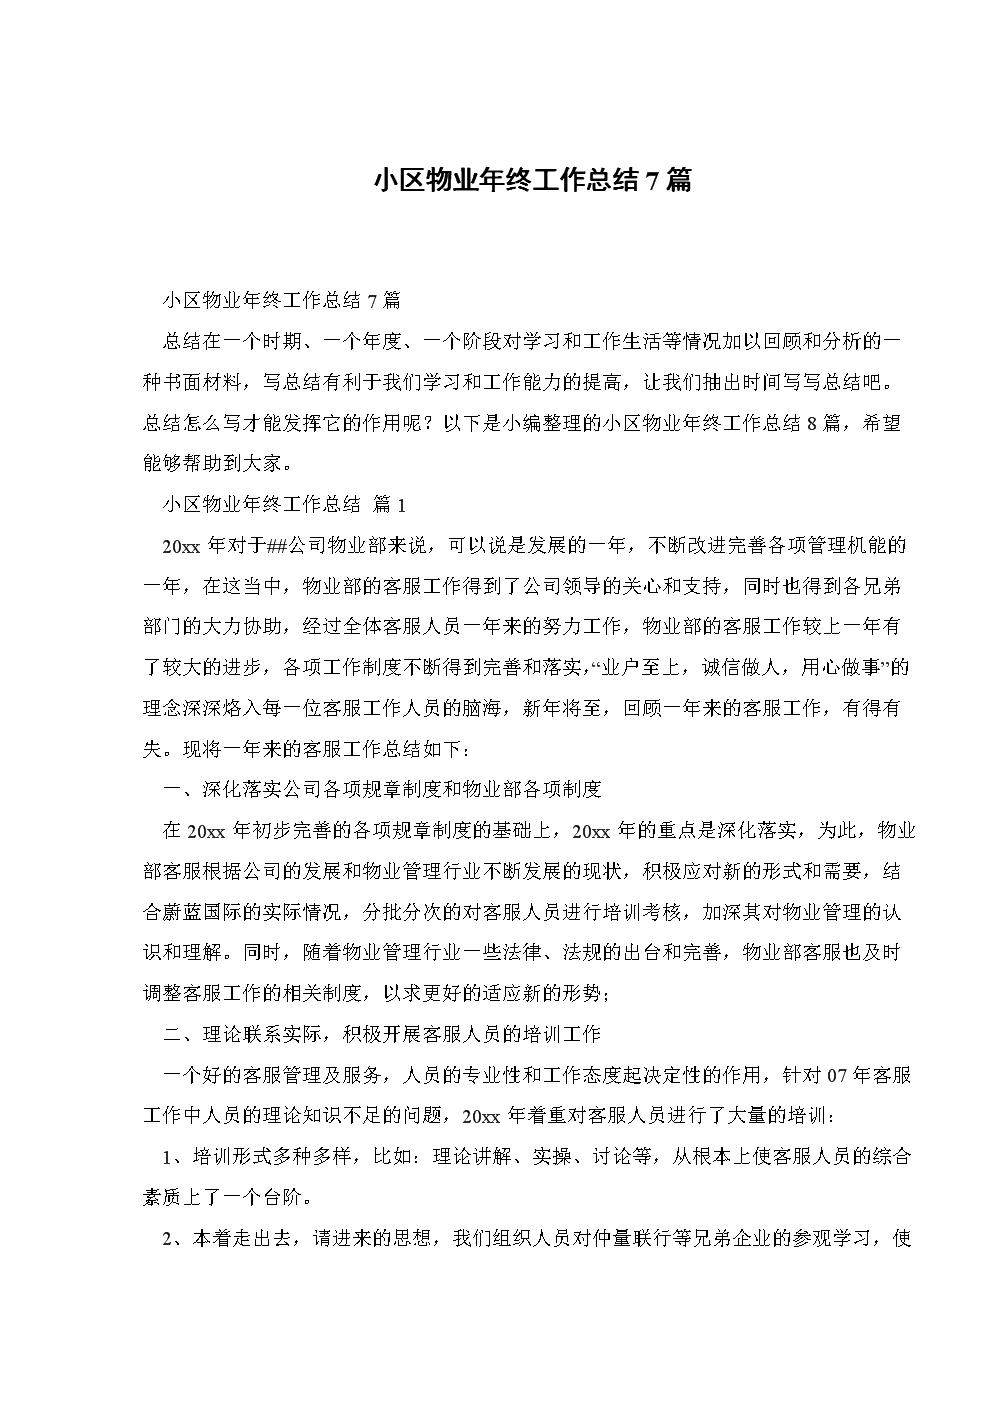 小区物业年终工作总结7篇.doc